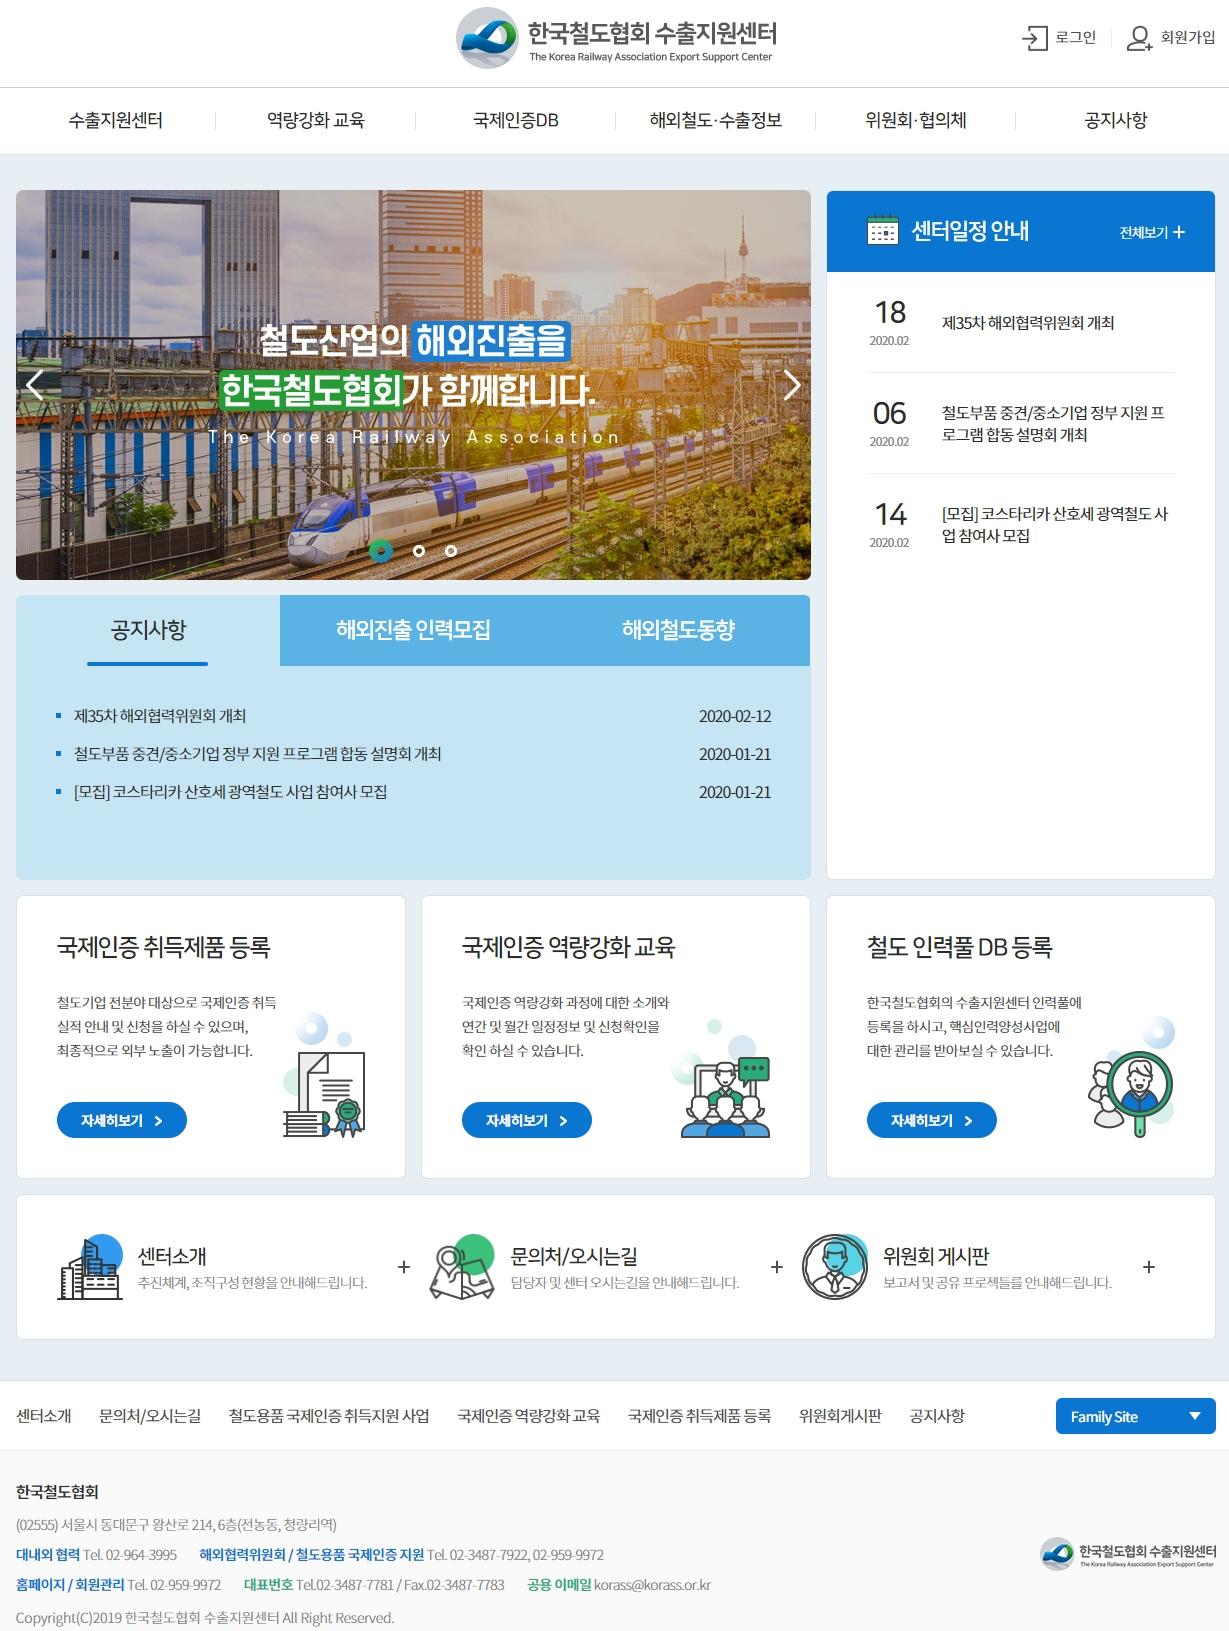 한국철도협회_수출지원센터